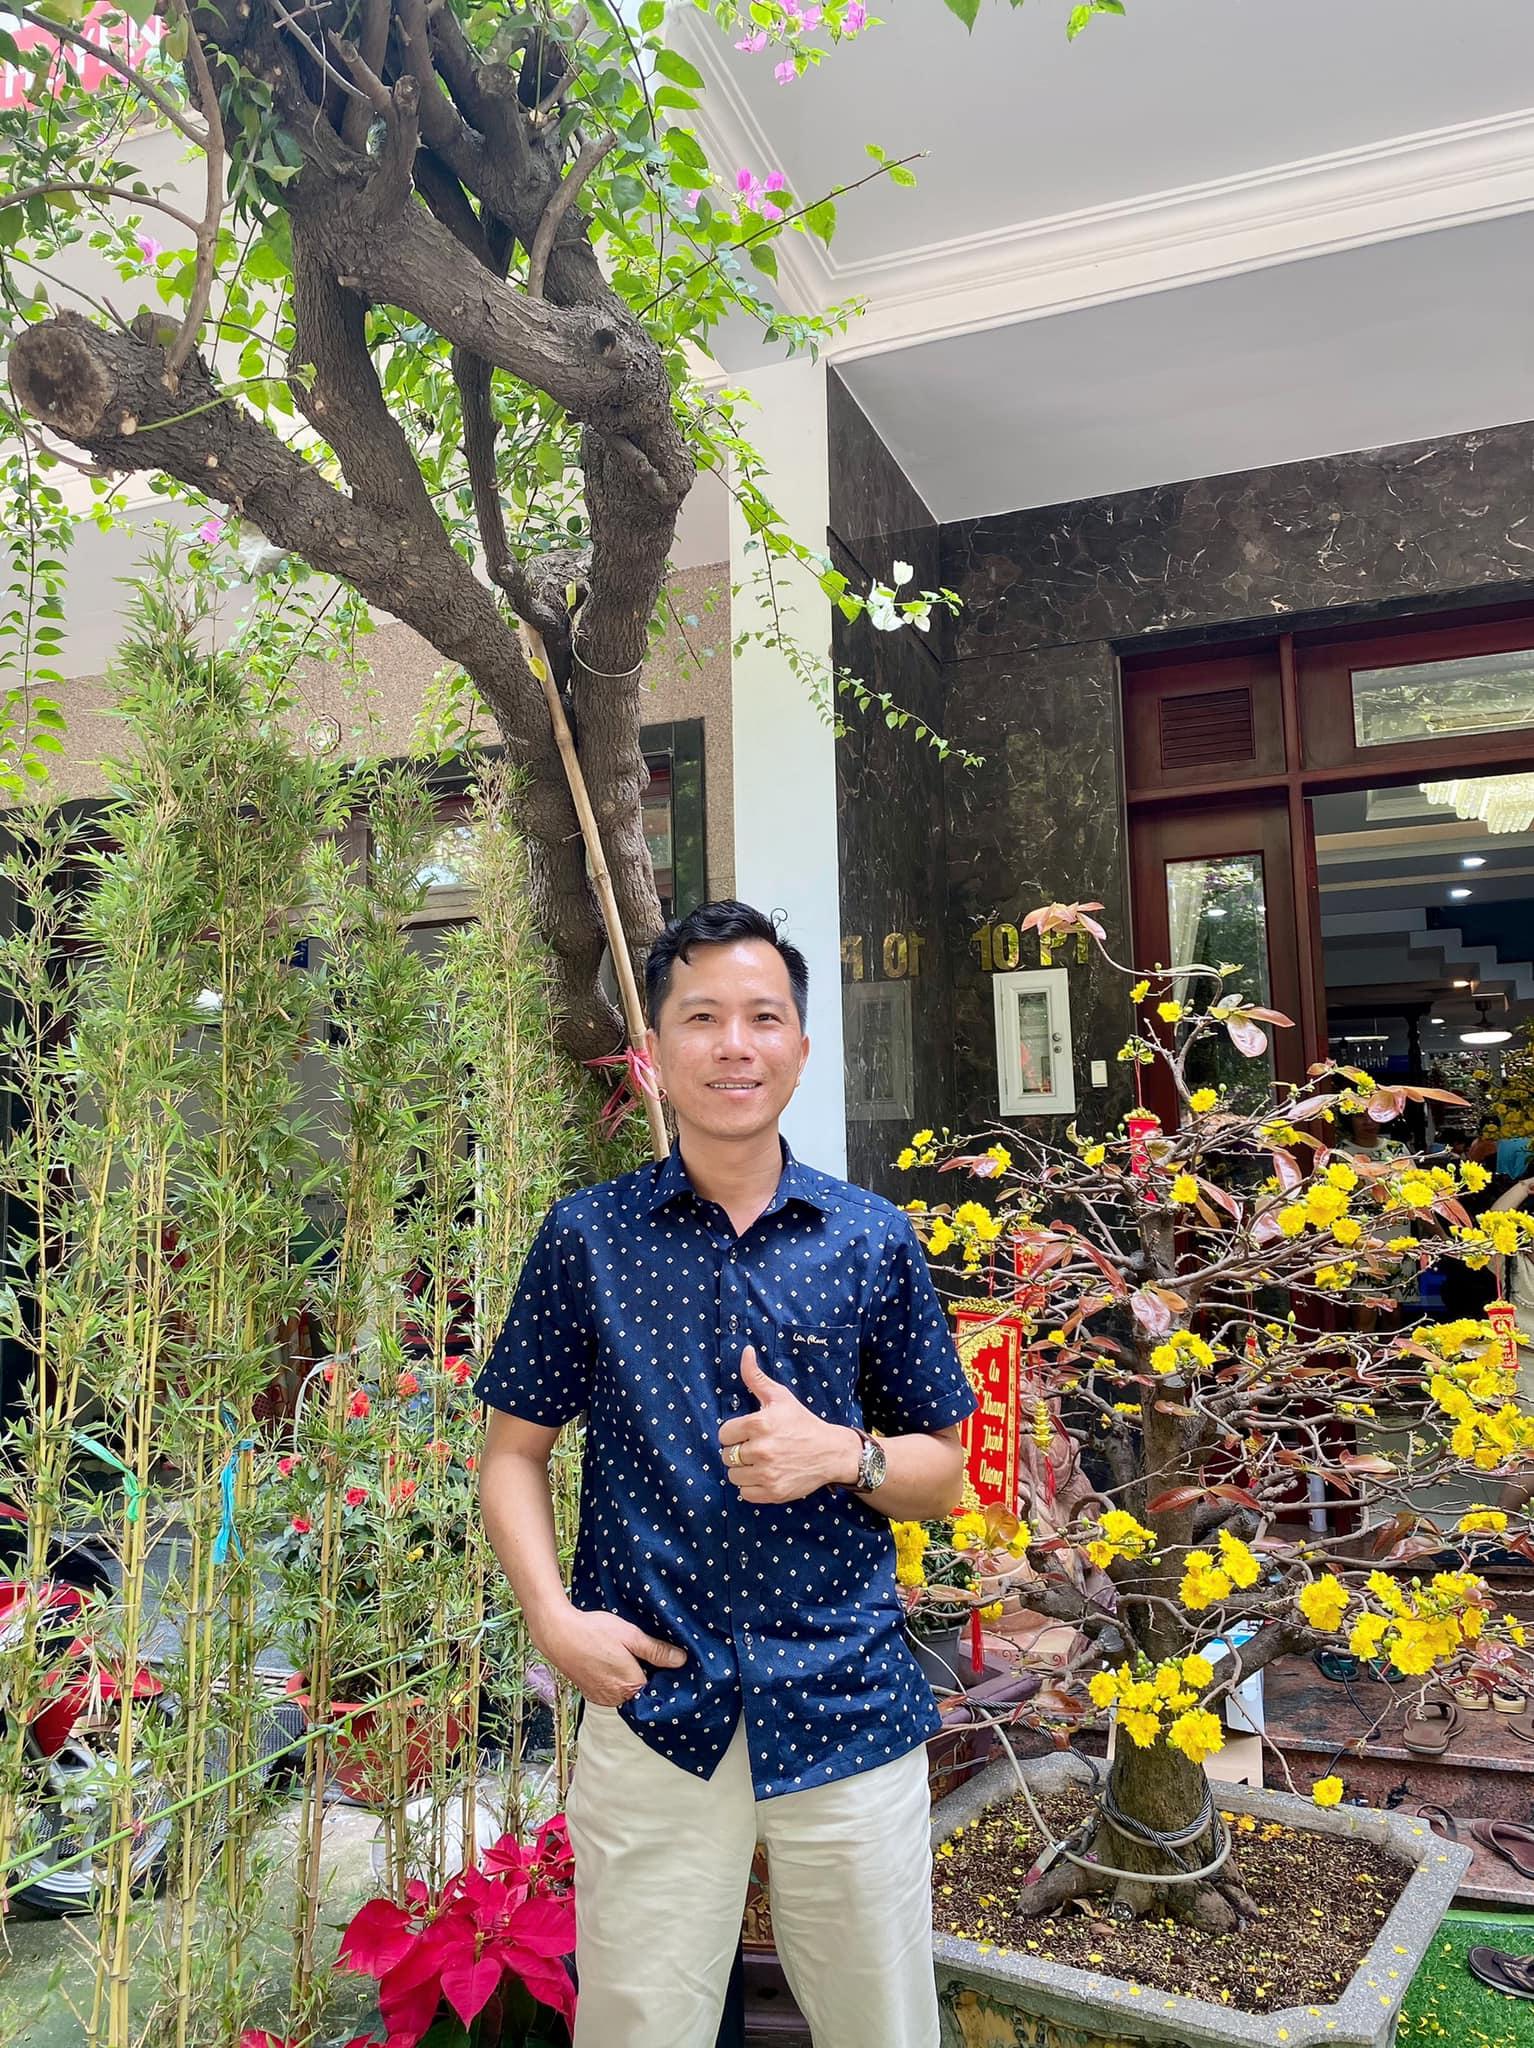 Anh Tuấn Đoàn, chủ cửa hàng kinh doanh vật liệu xây dựng Tuấn Phát tại Bình Dương. Ảnh: NVCC